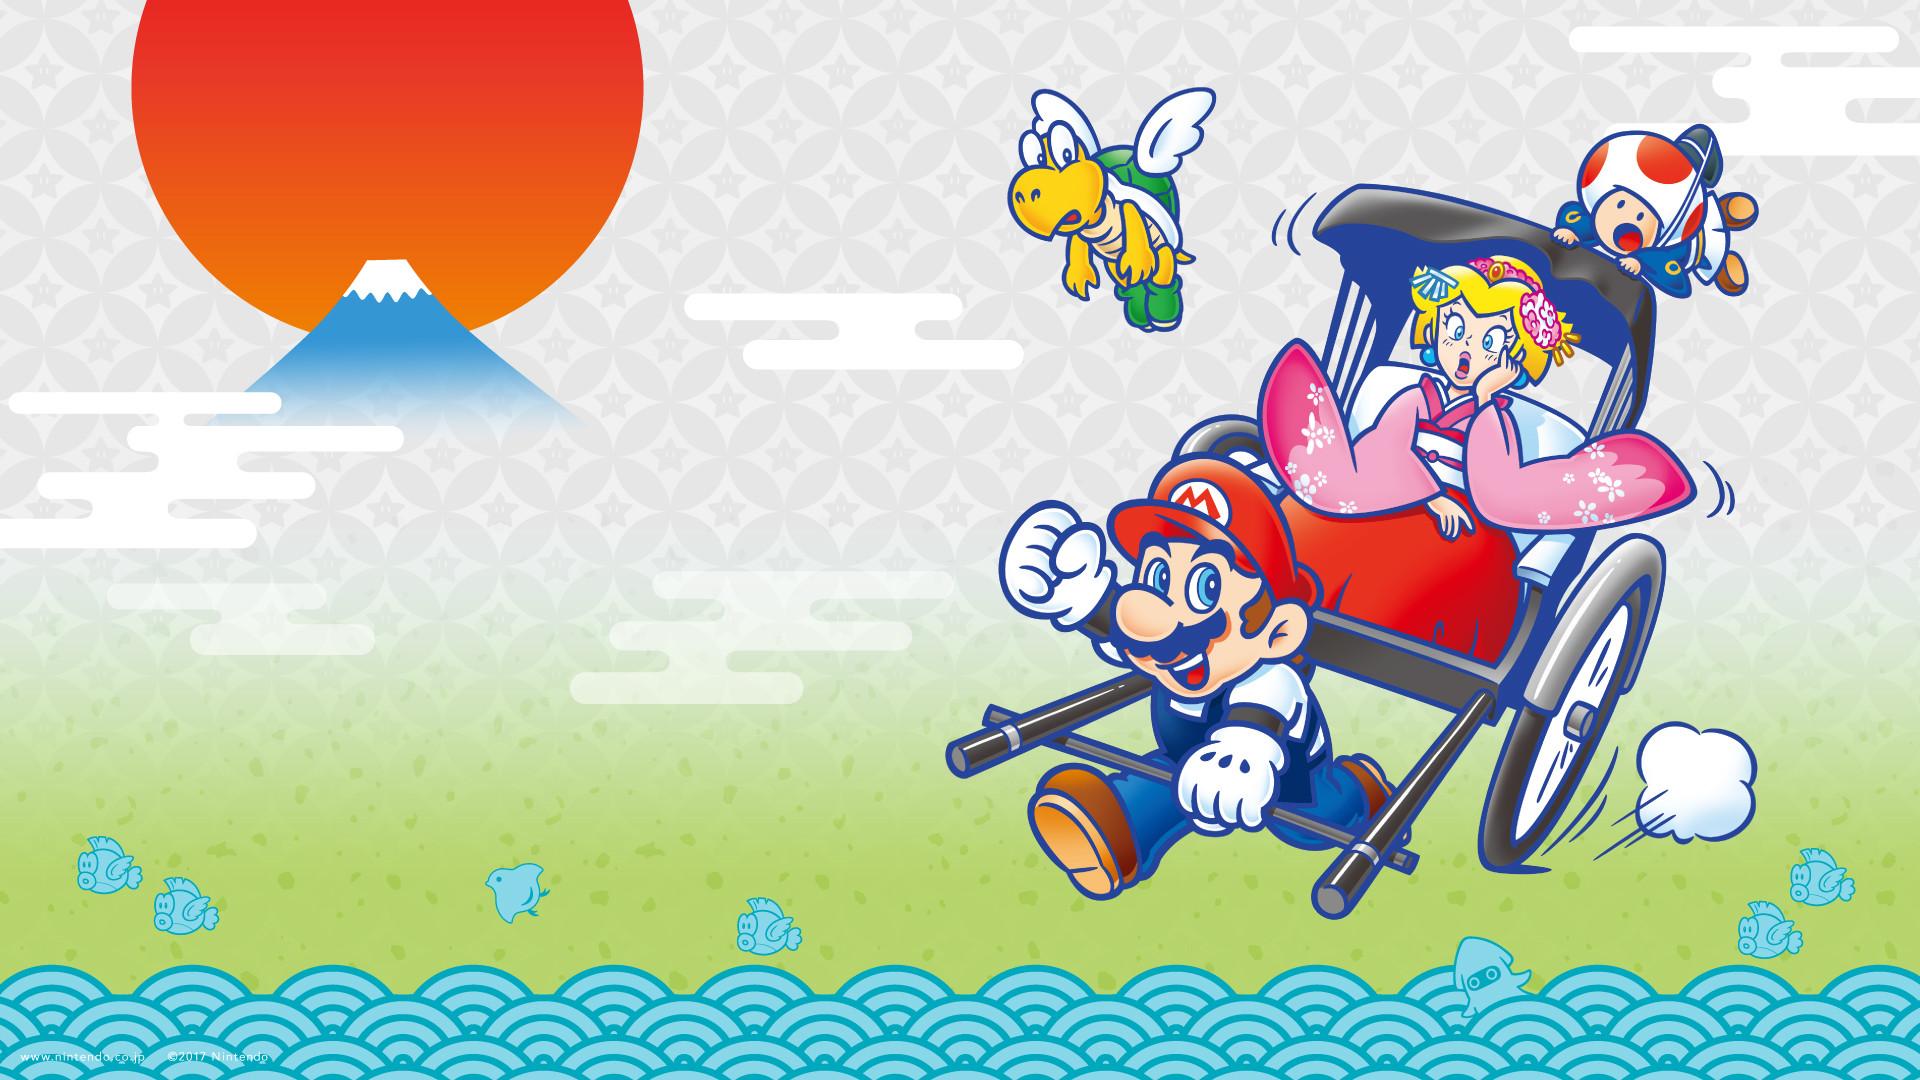 Nintendo Desktop Wallpaper (68+ images)